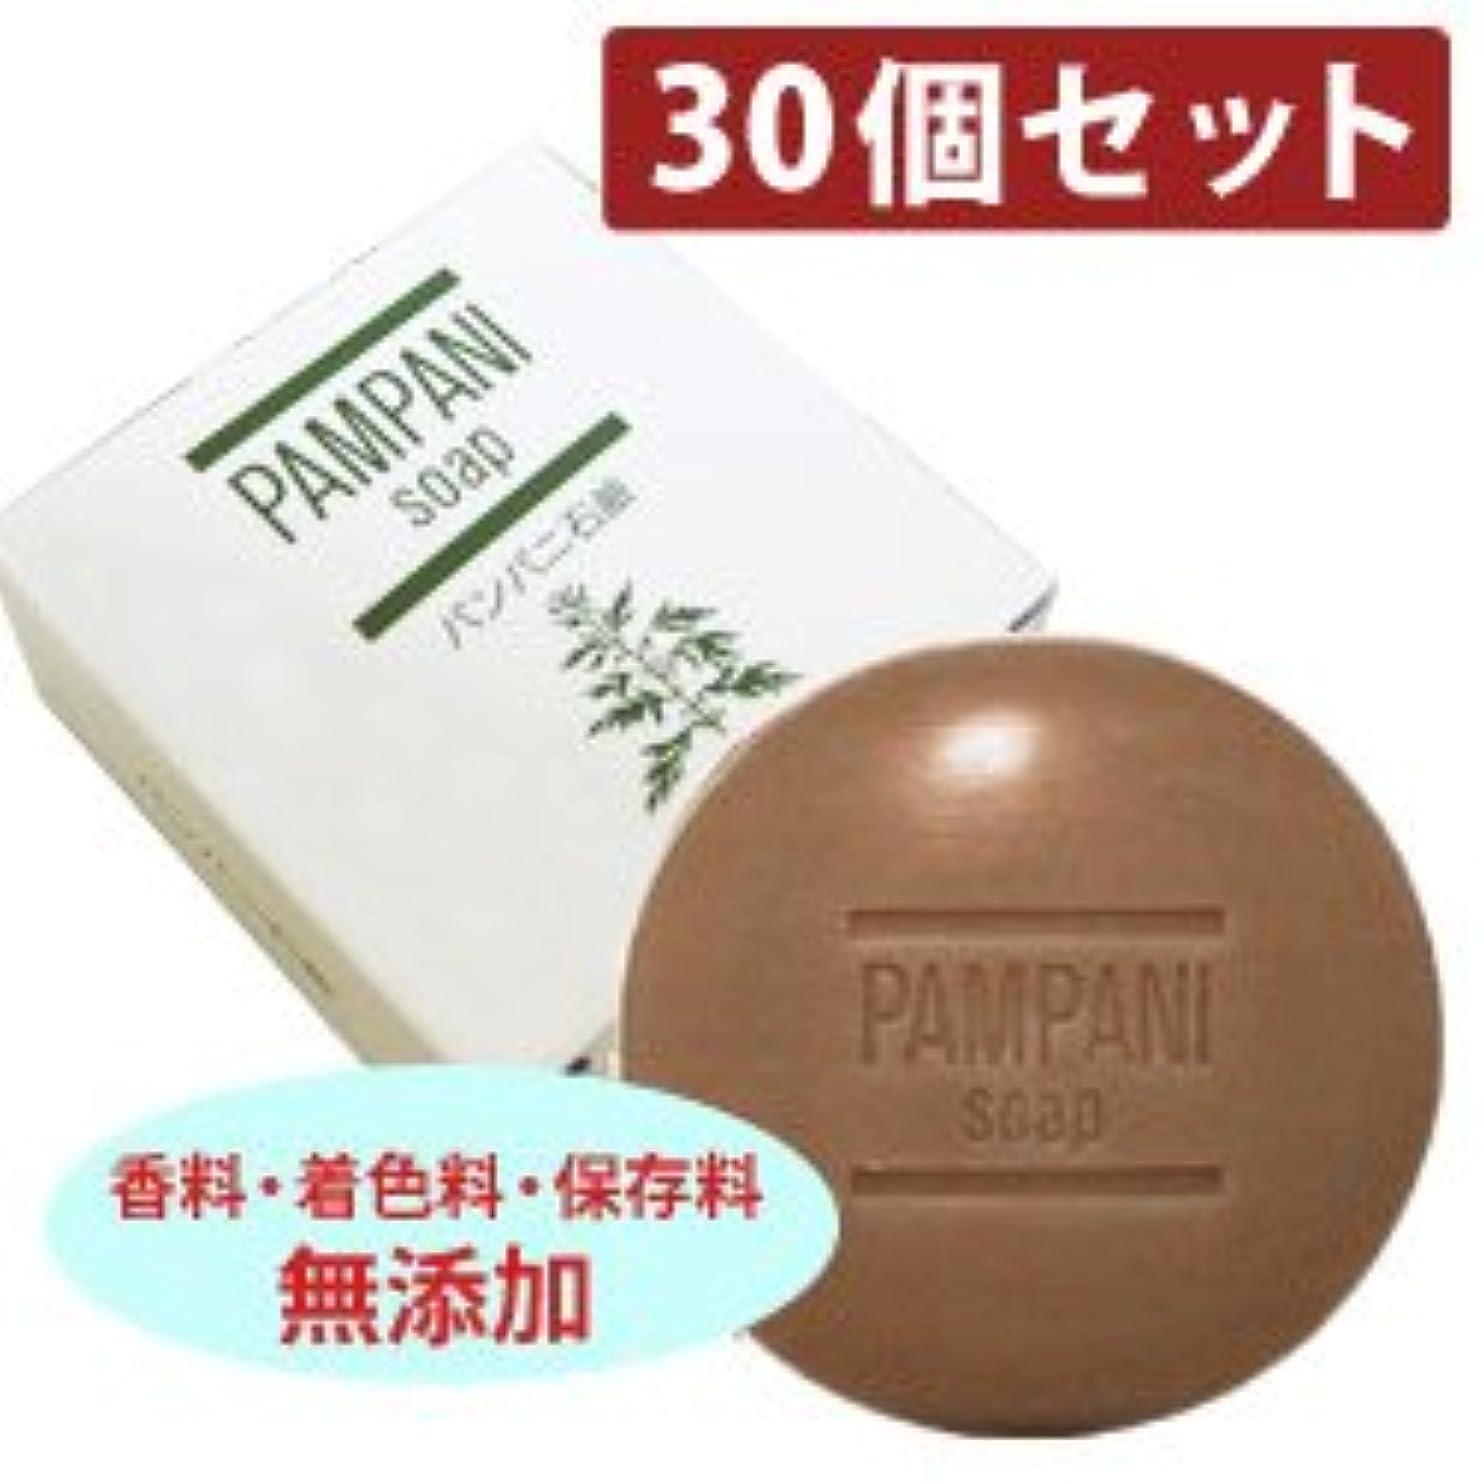 パンパニ 石鹸?90g 【30個セット】